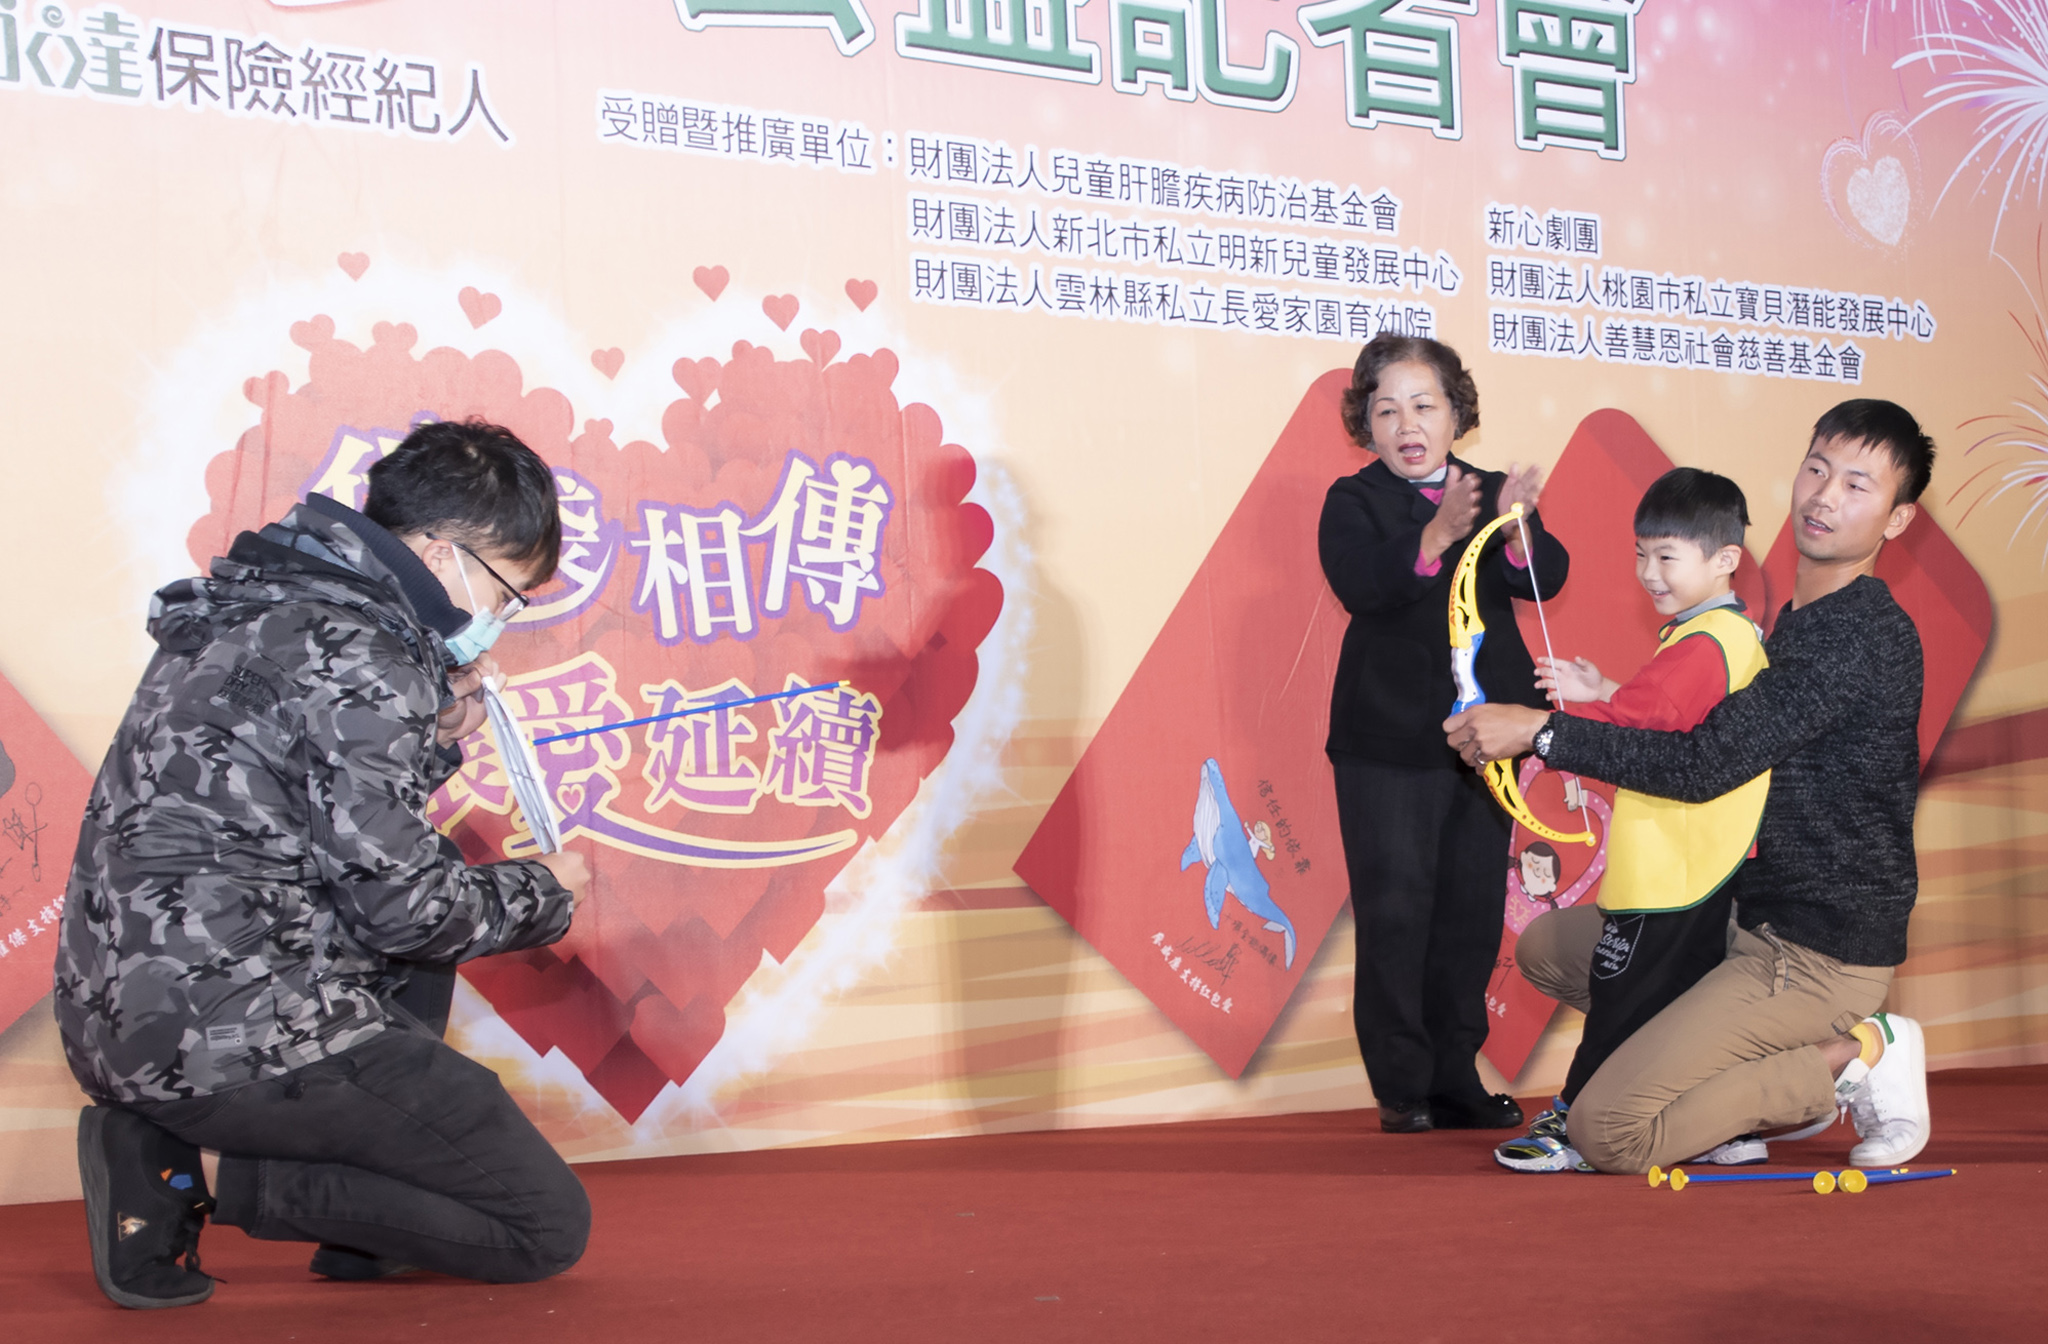 參與永達保經的「紅包愛」活動,擔任愛心大使。